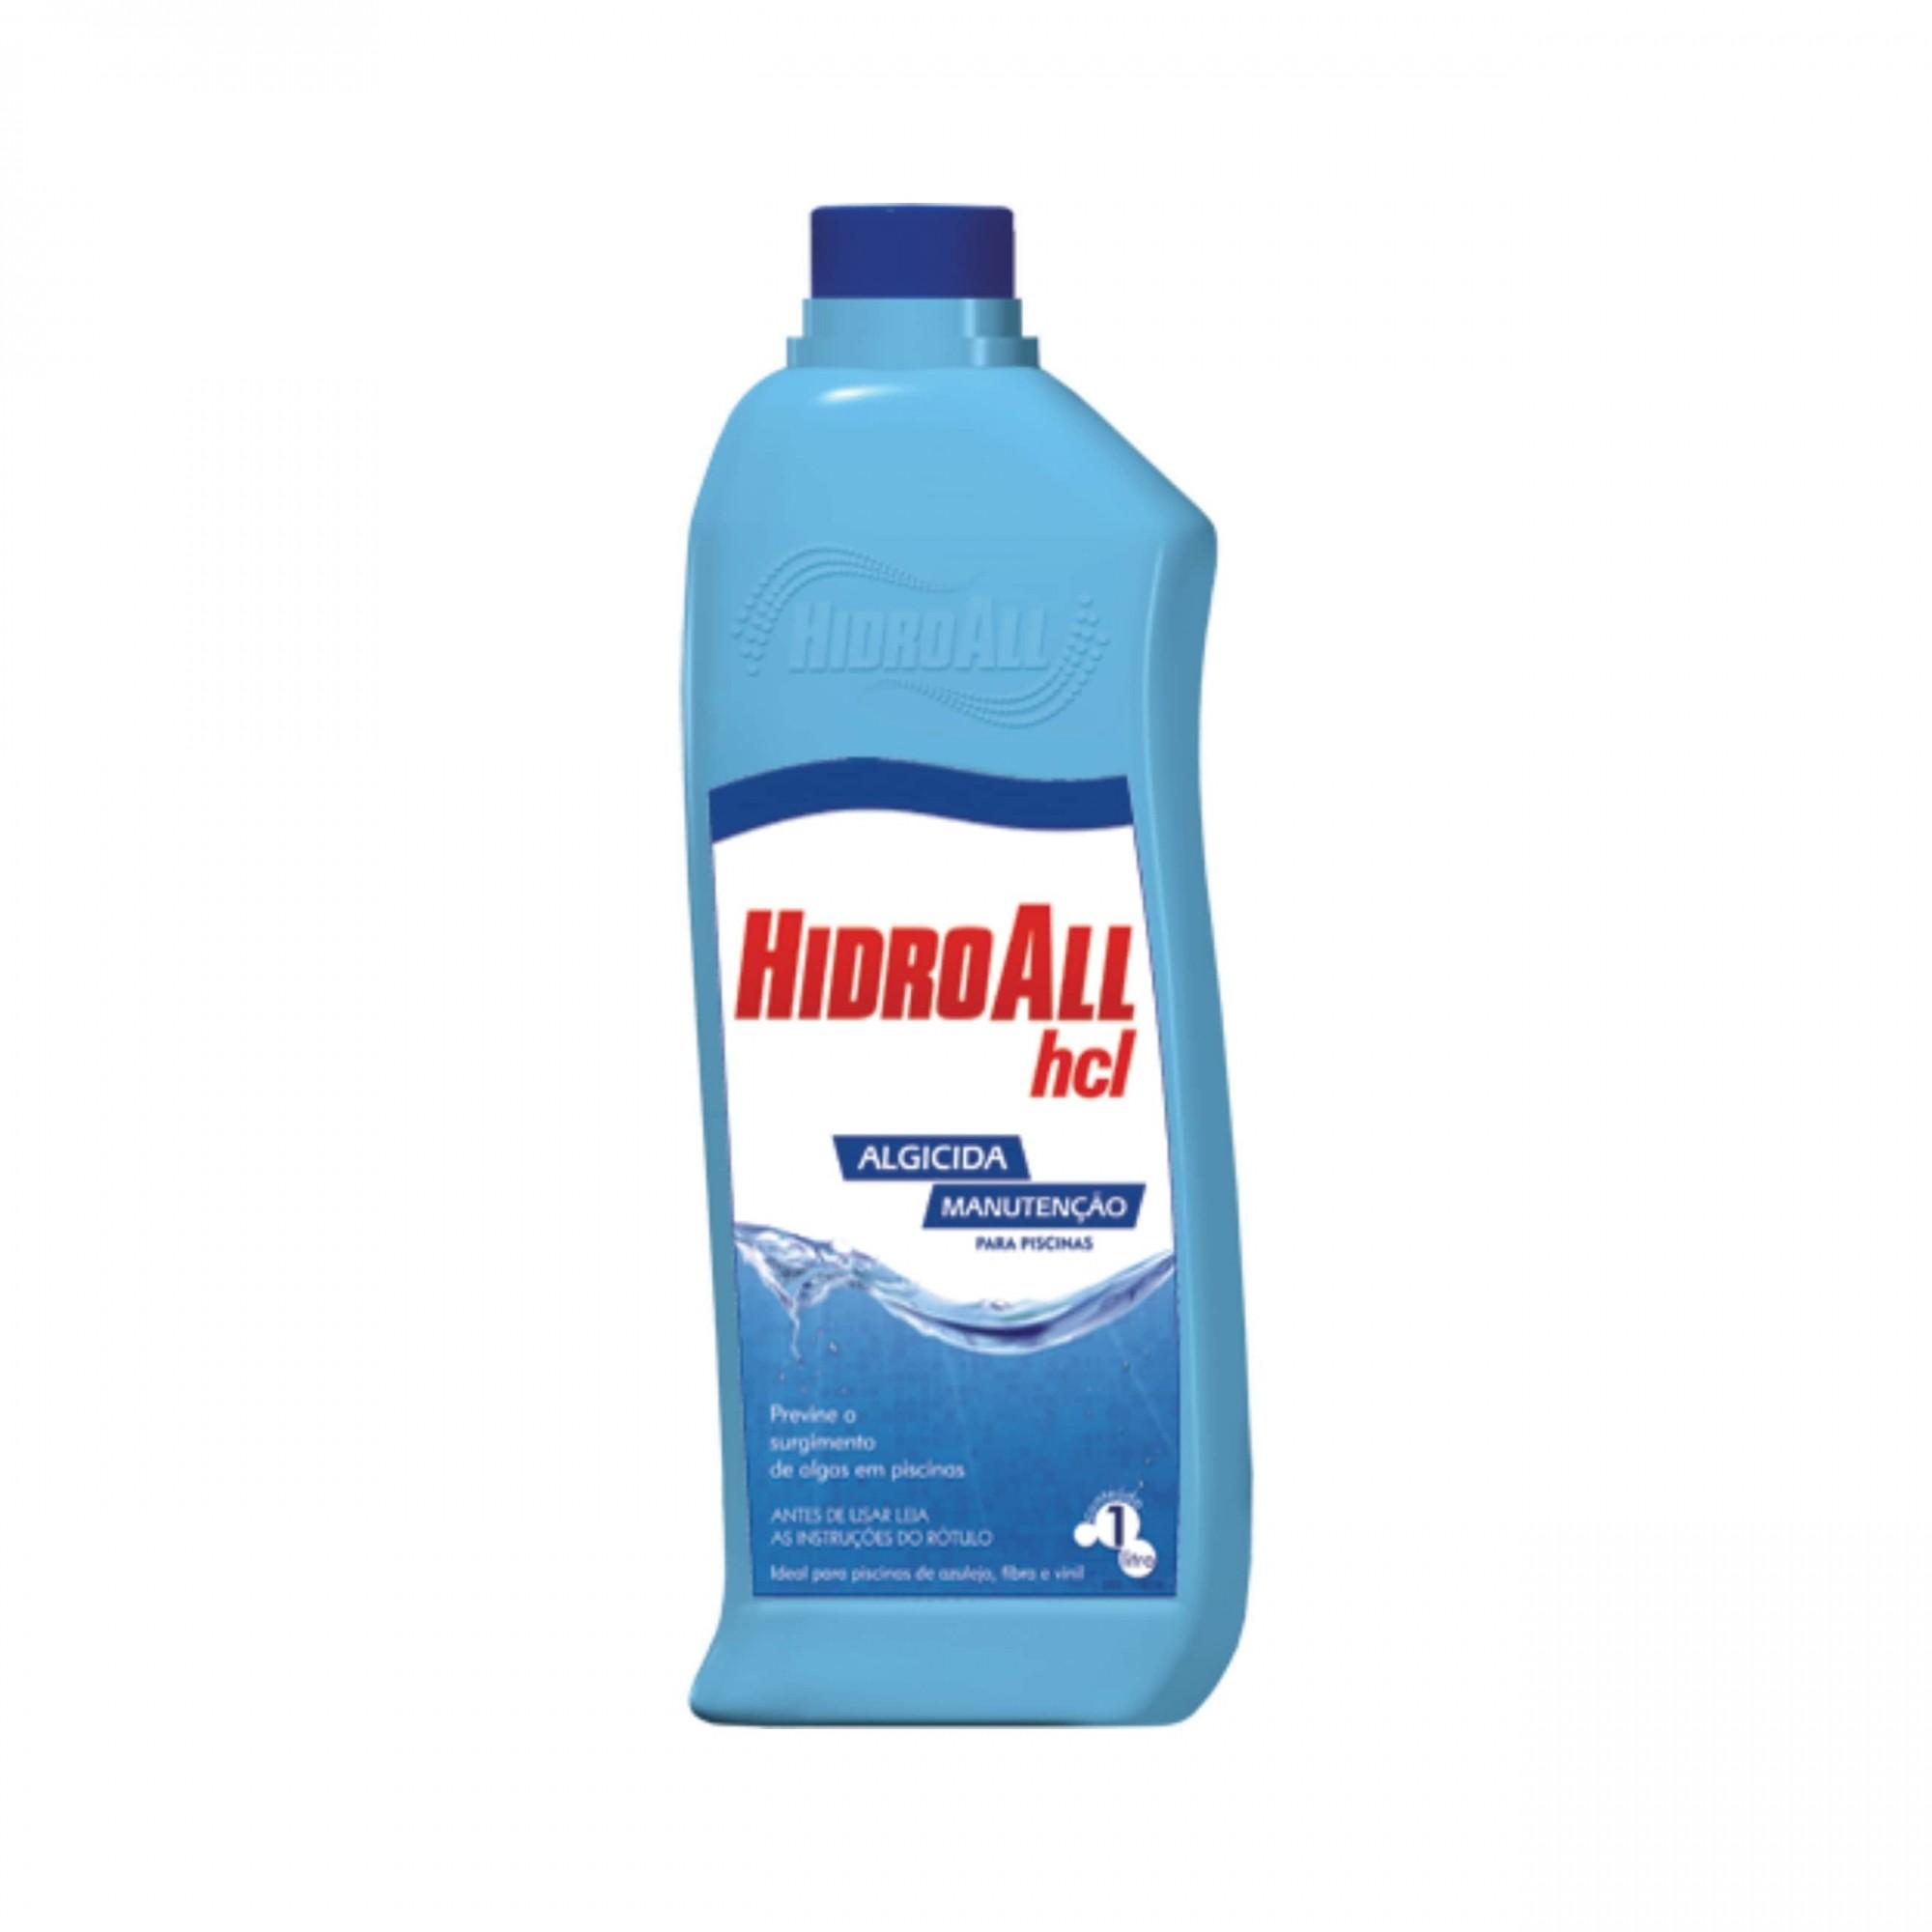 Algicida Manutenção HCL Hidroall 1 Litro